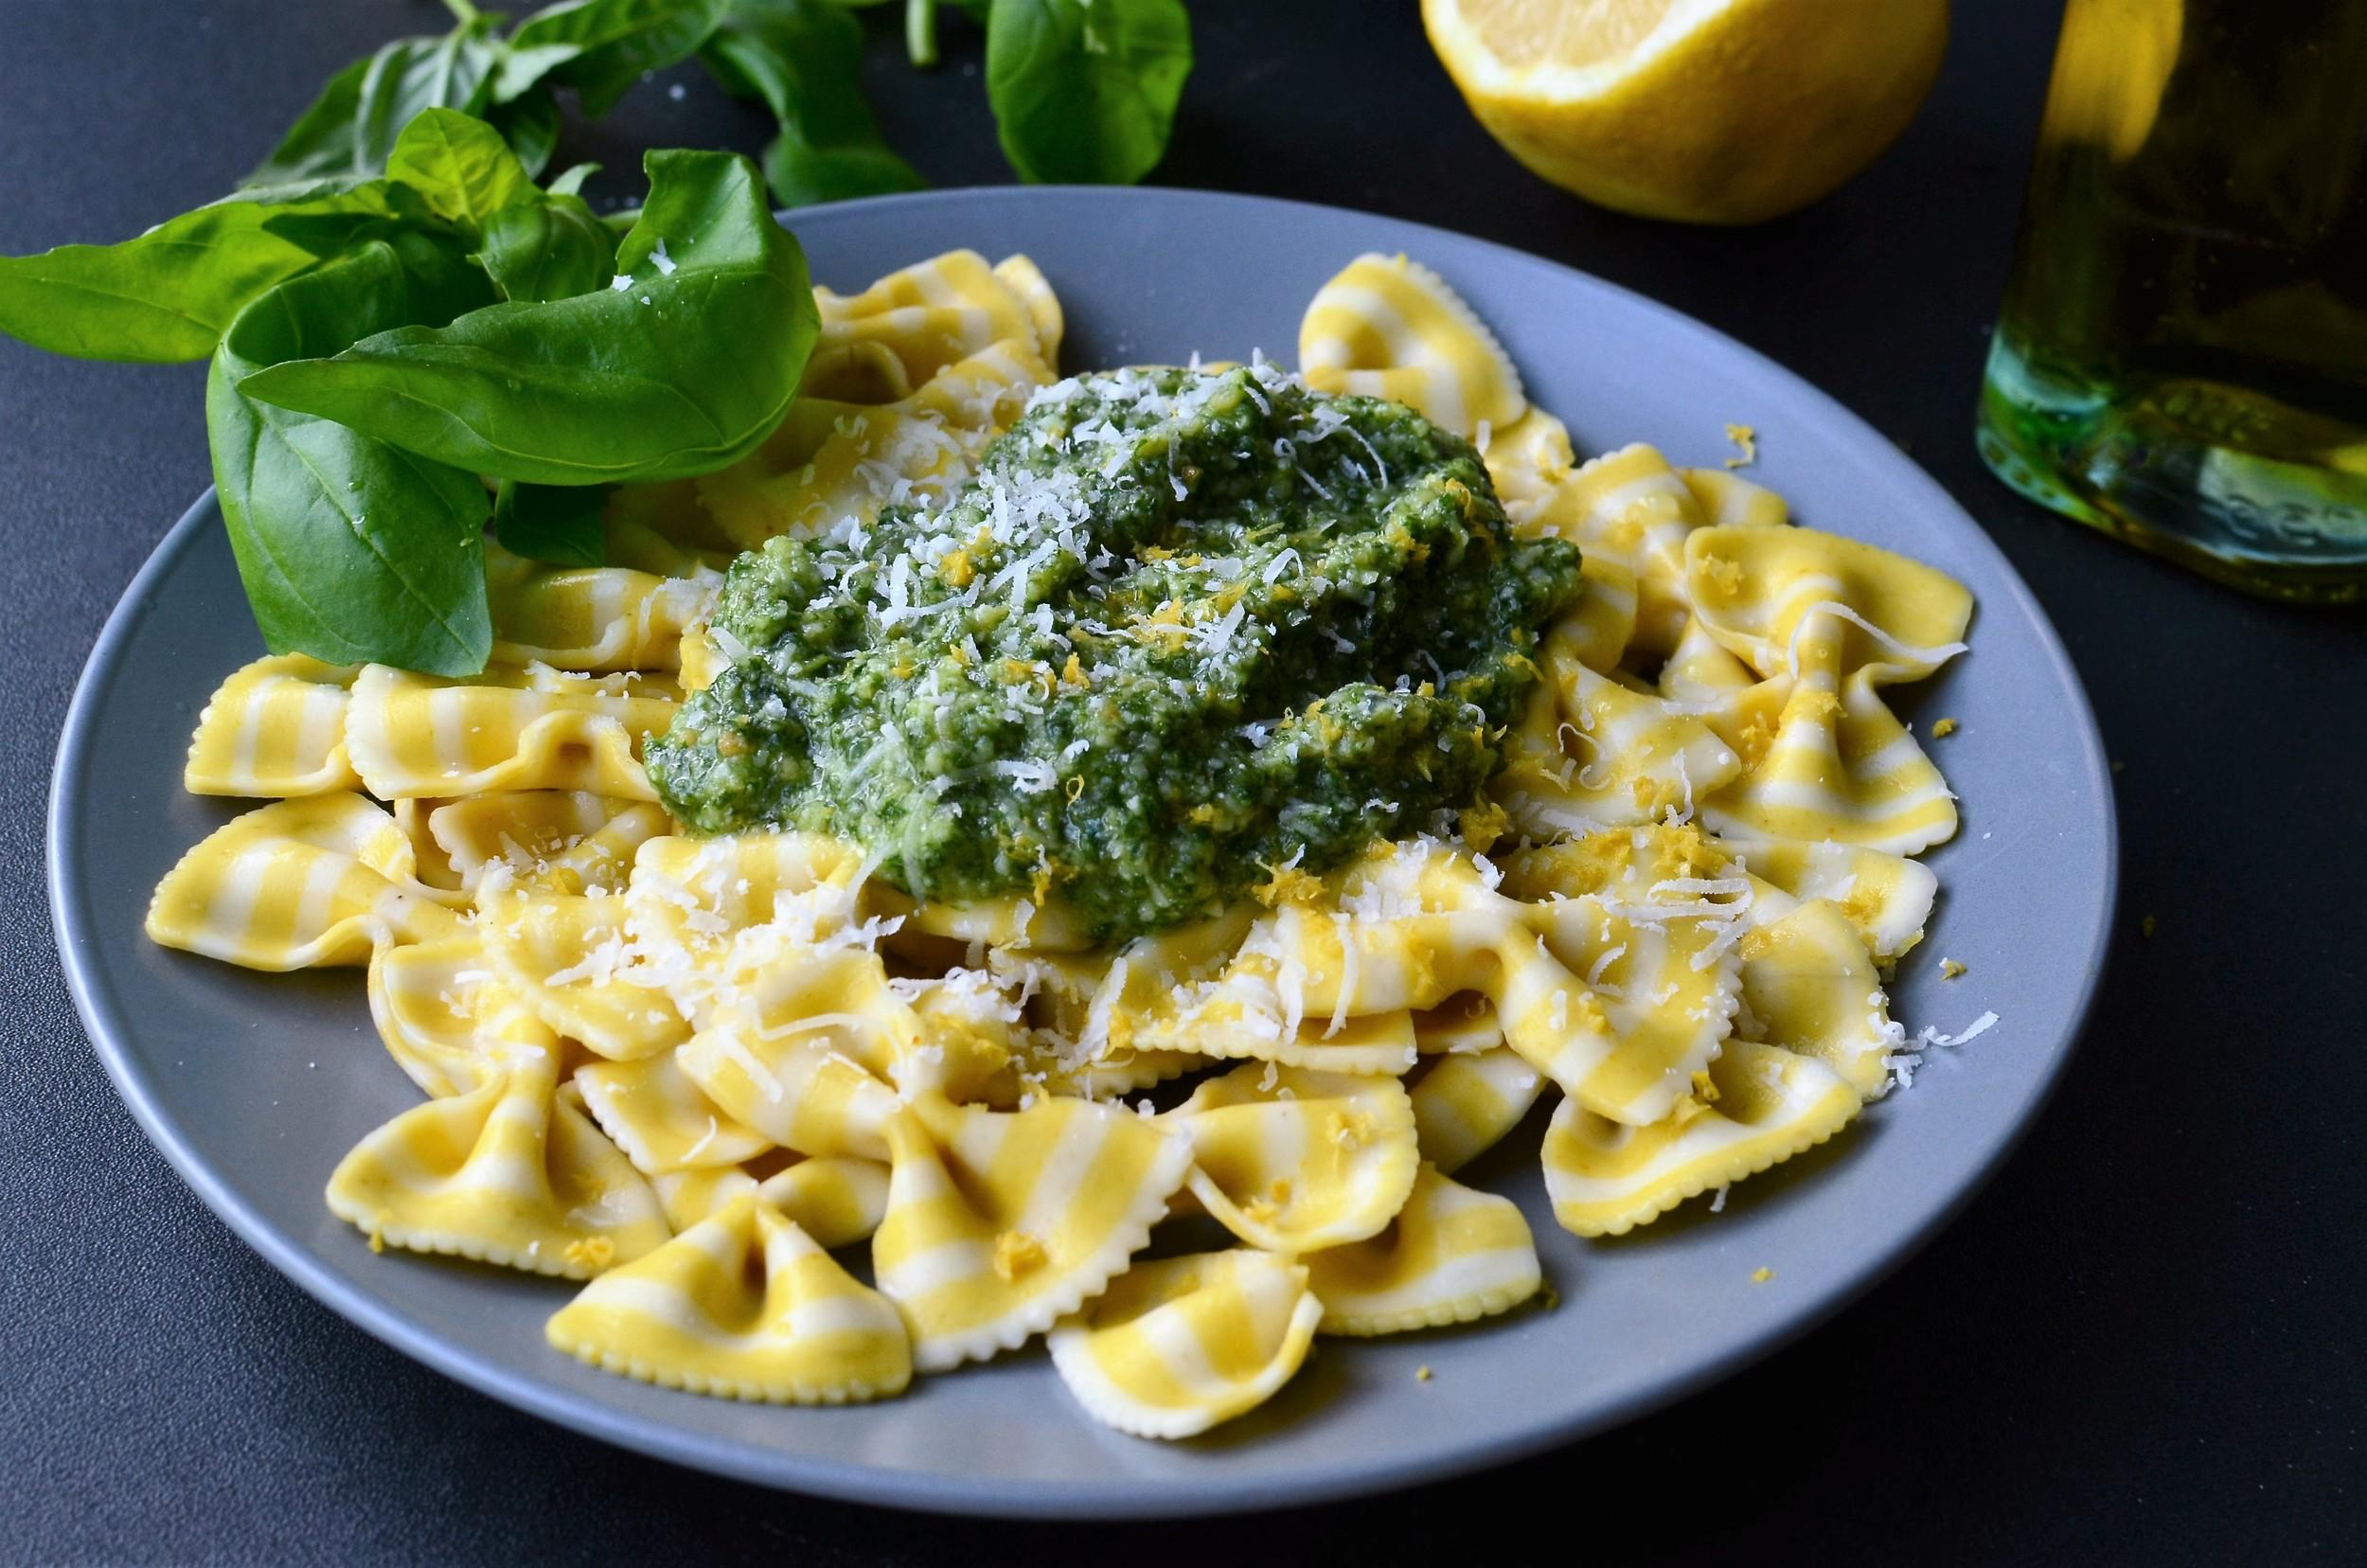 Recipe and photos for how to make pesto